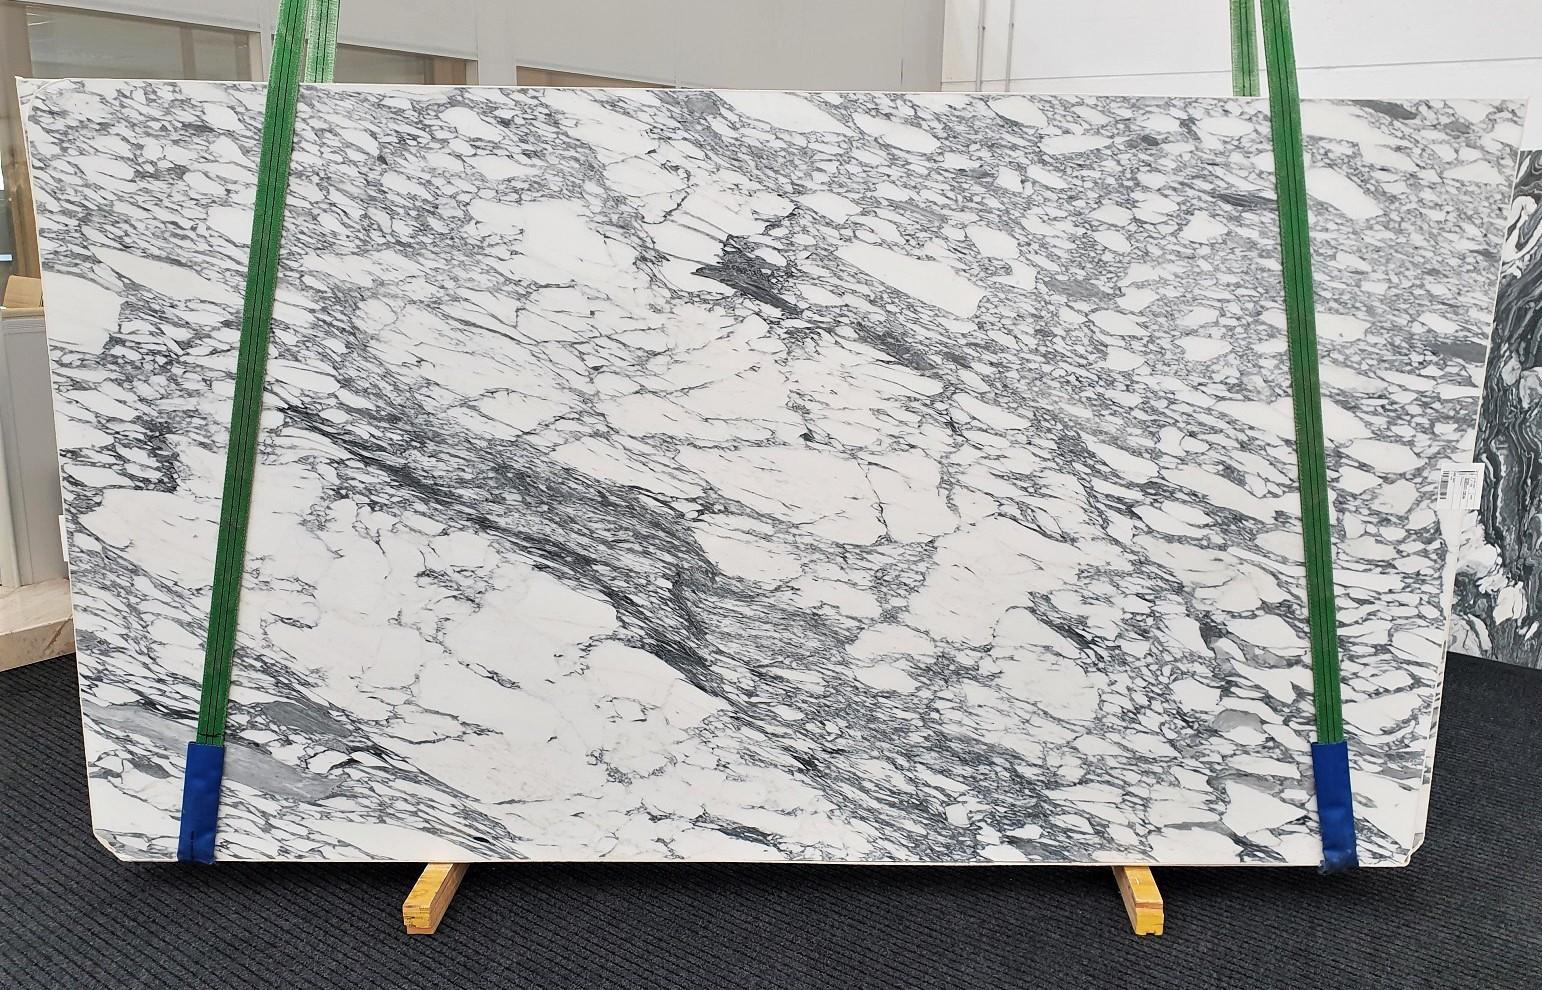 ARABESCATO CORCHIA Suministro Veneto (Italia) de planchas pulidas en mármol natural 1420 , Slab #45